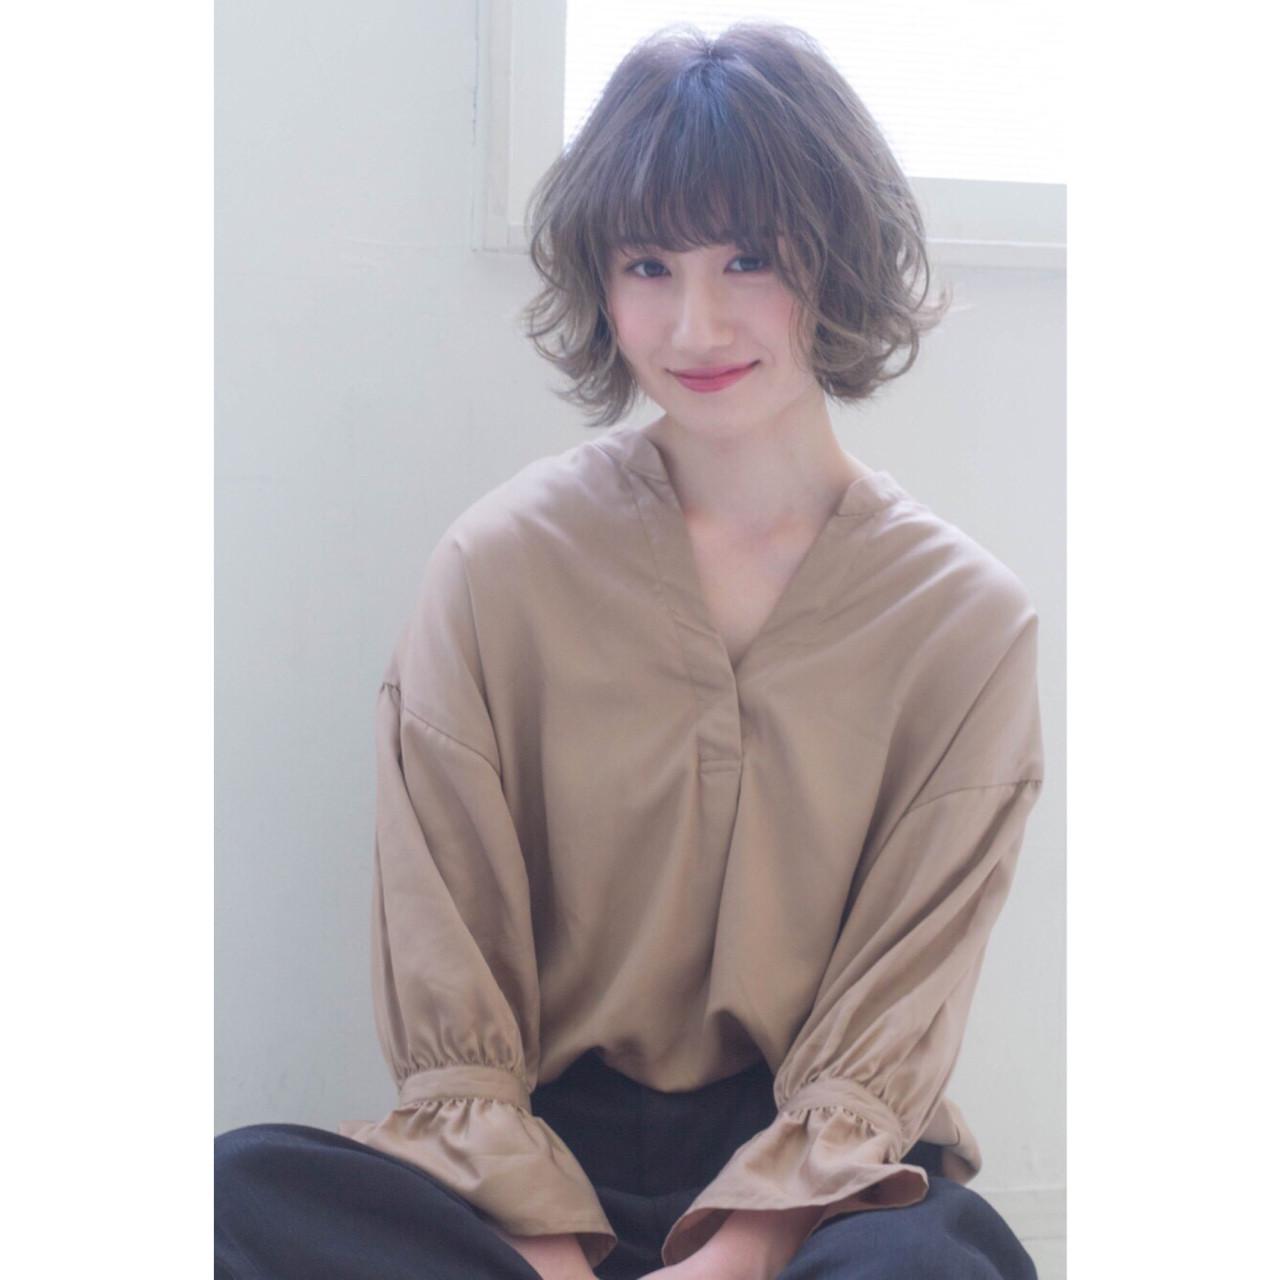 透明感 ナチュラル フェミニン ショートボブ ヘアスタイルや髪型の写真・画像